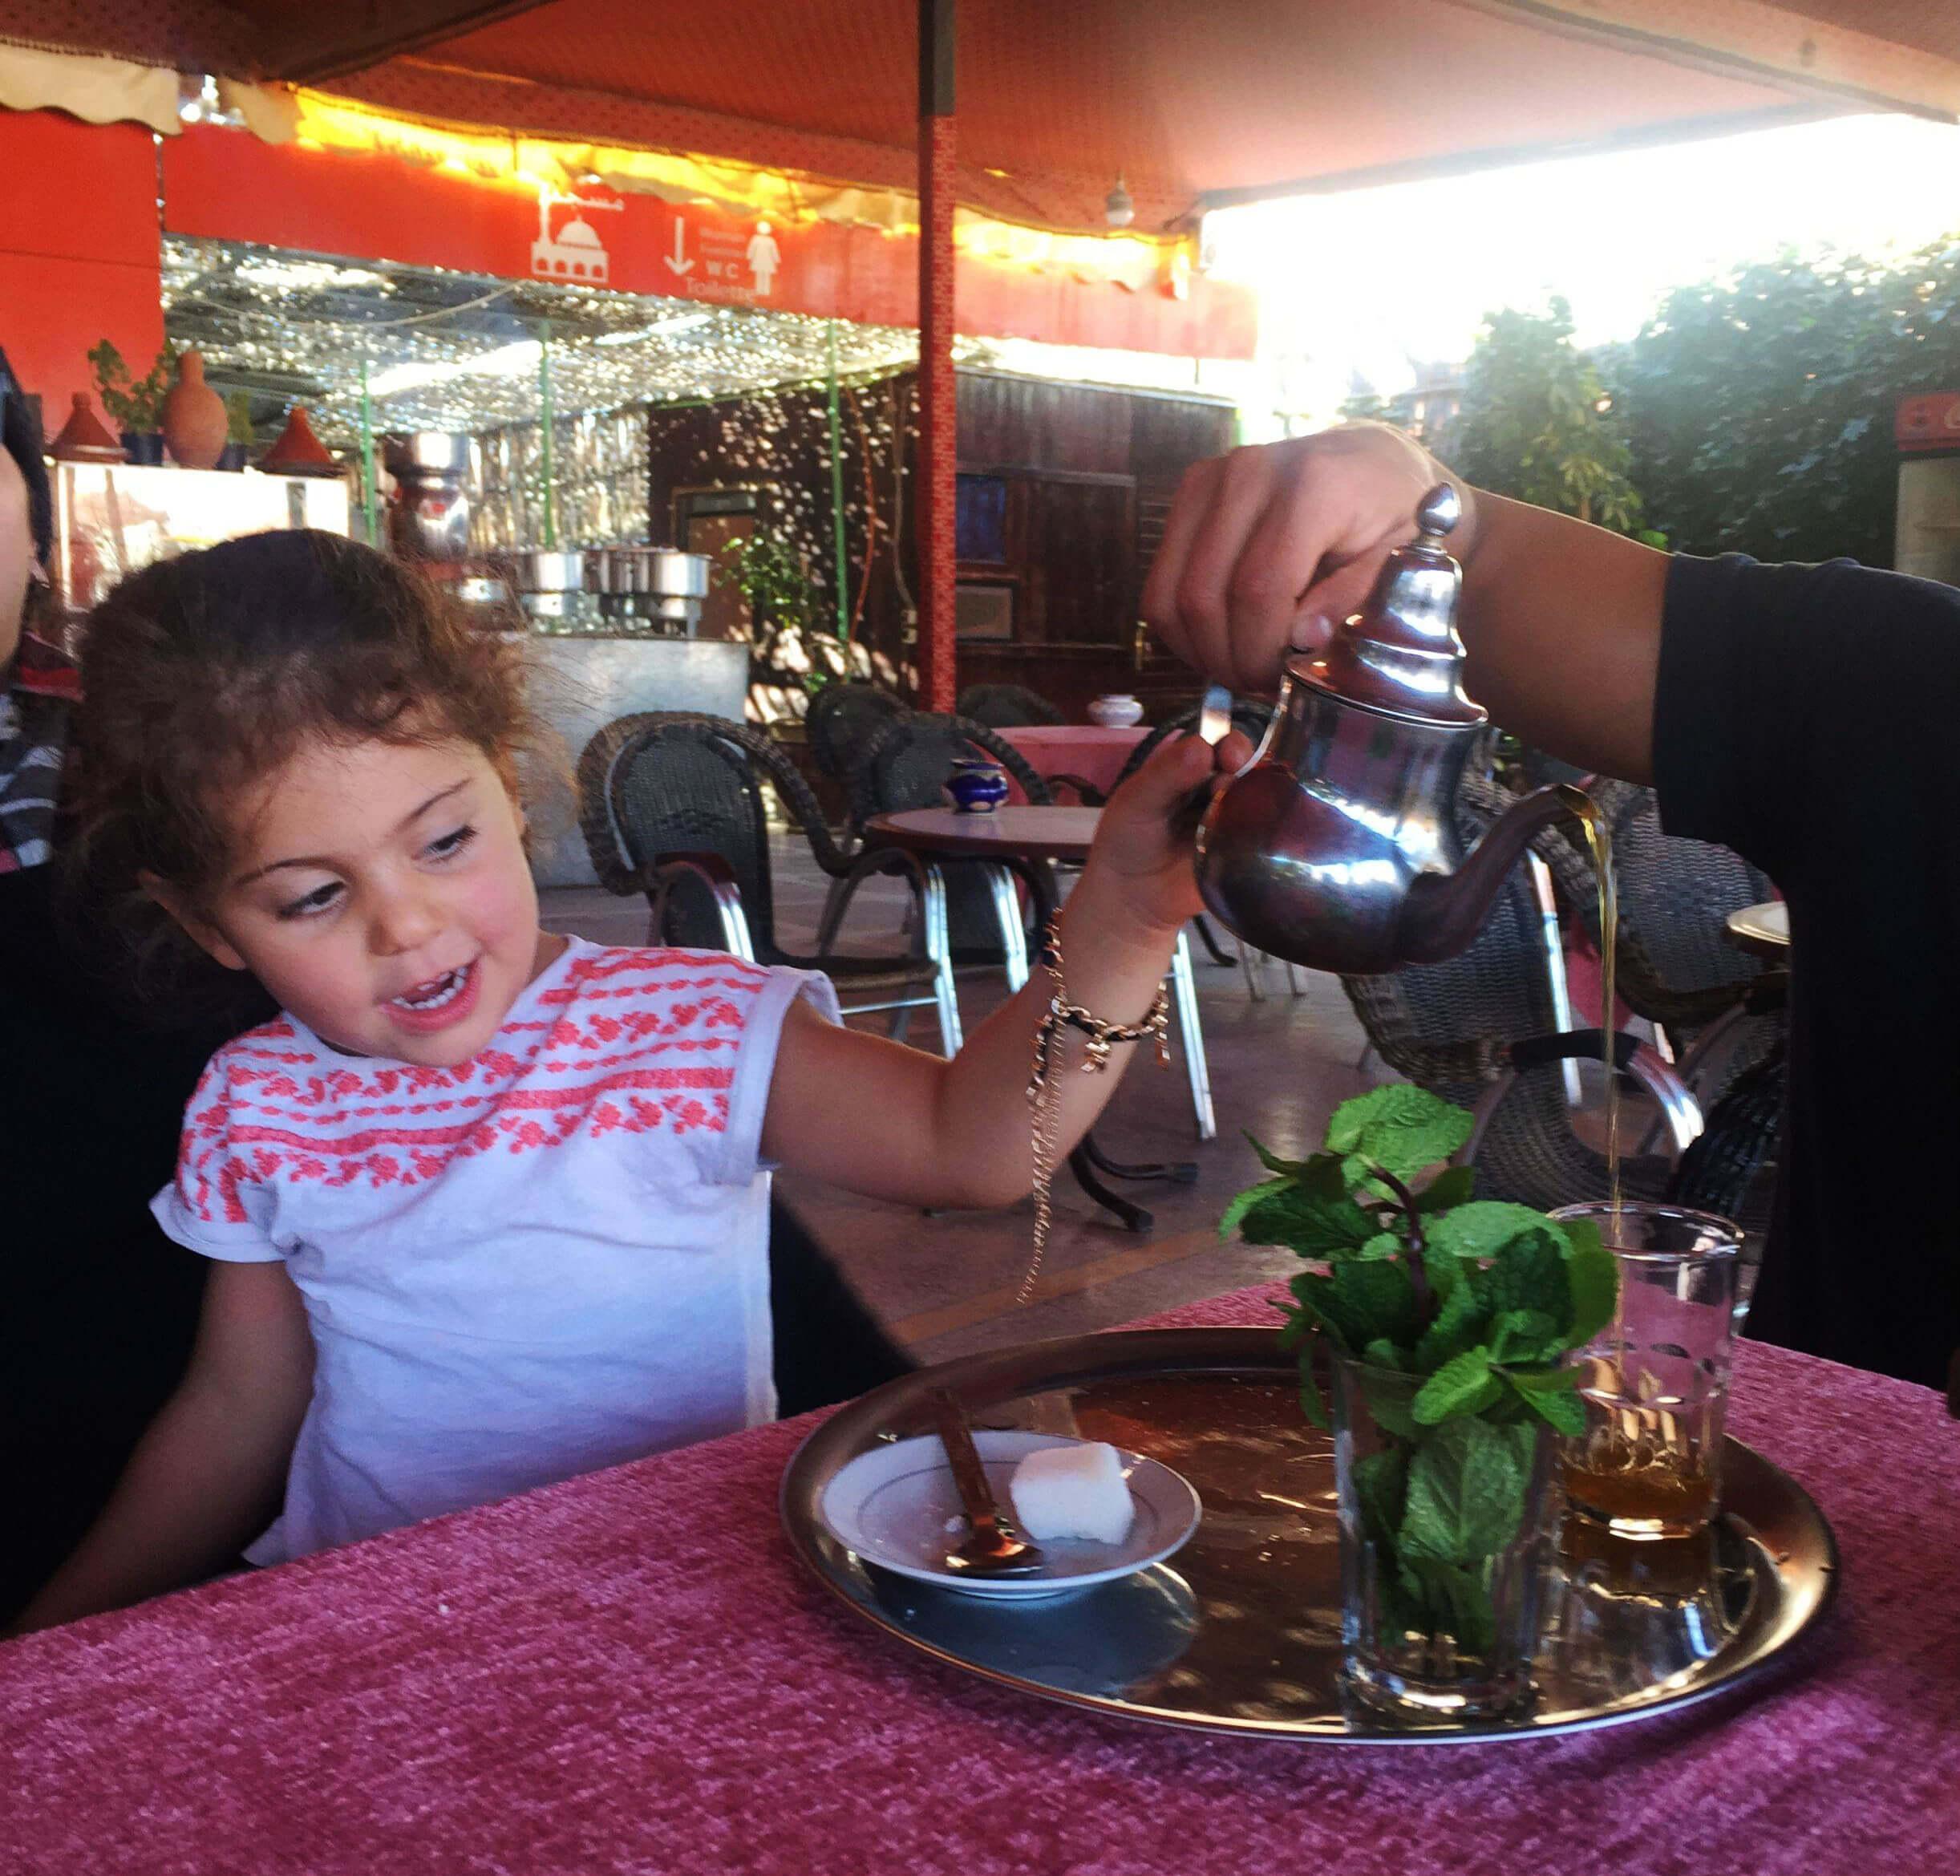 Nowe smaki, zapachy i zwyczaje fascynowały małą Hanię. /Wyjazd z dzieckiem do Maroka/